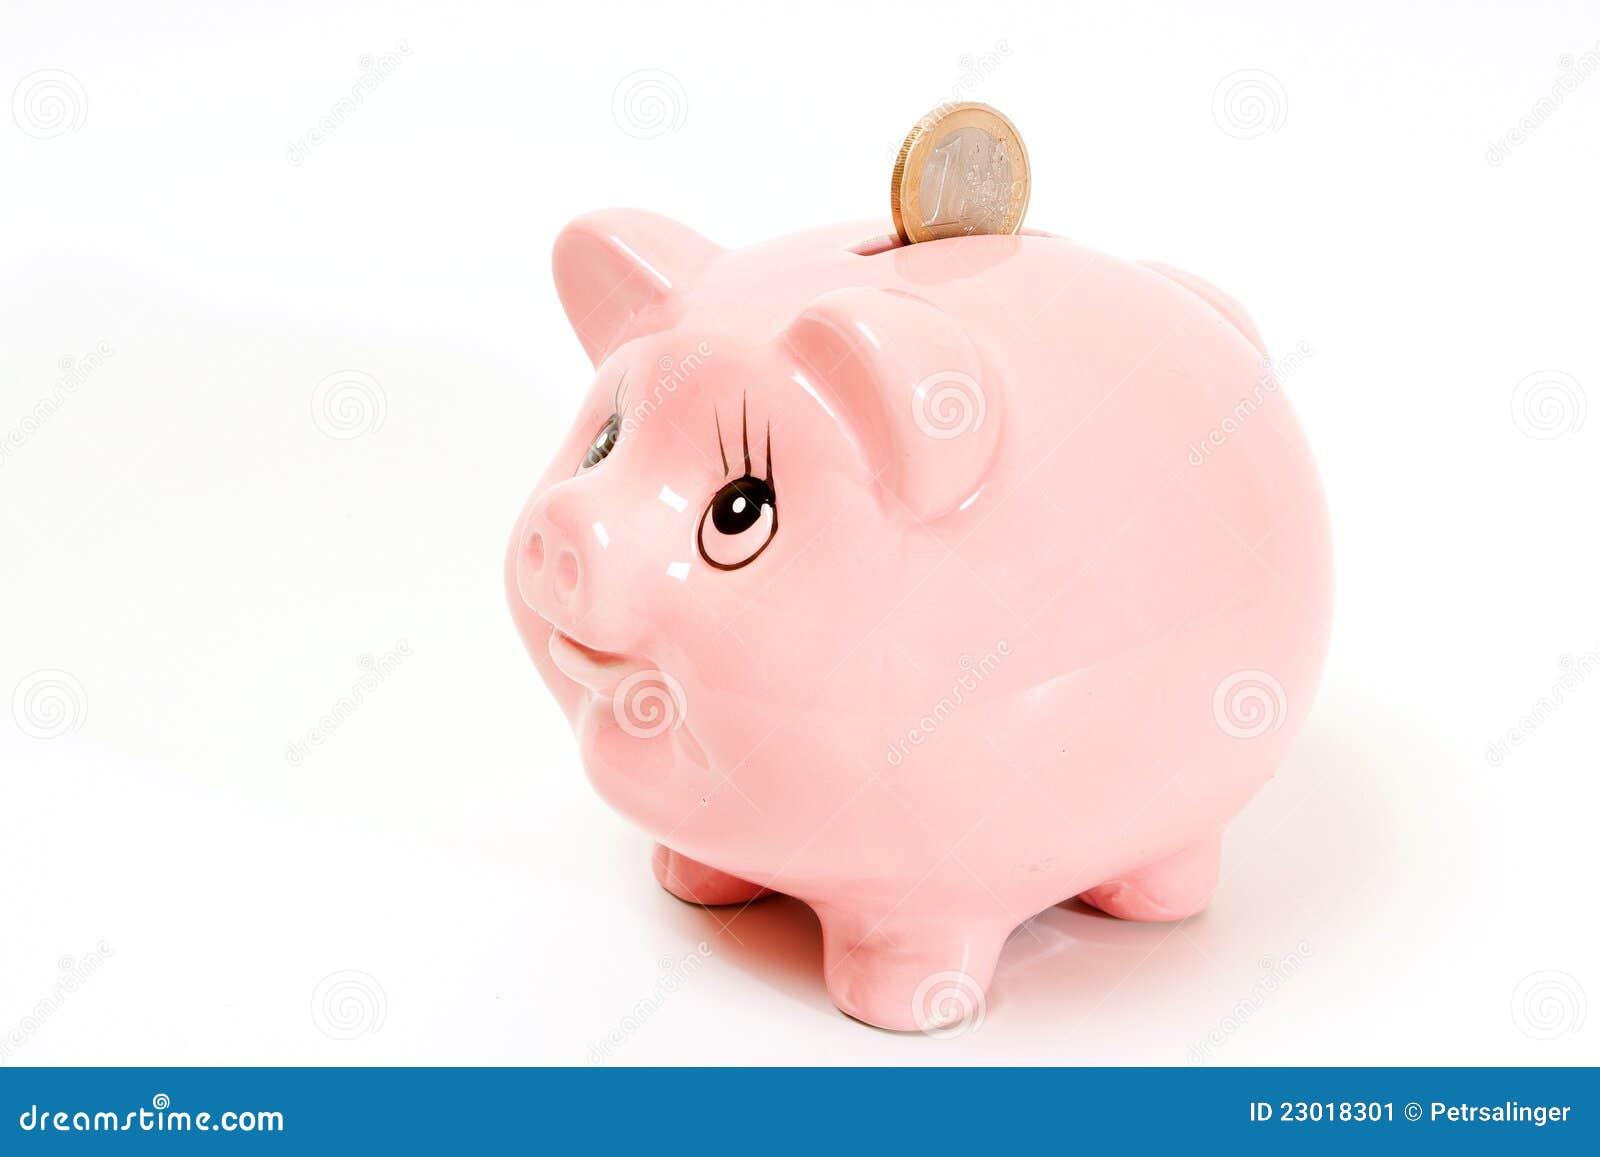 Pink Pig Money Box Isolated Stock Image - Image: 23018301